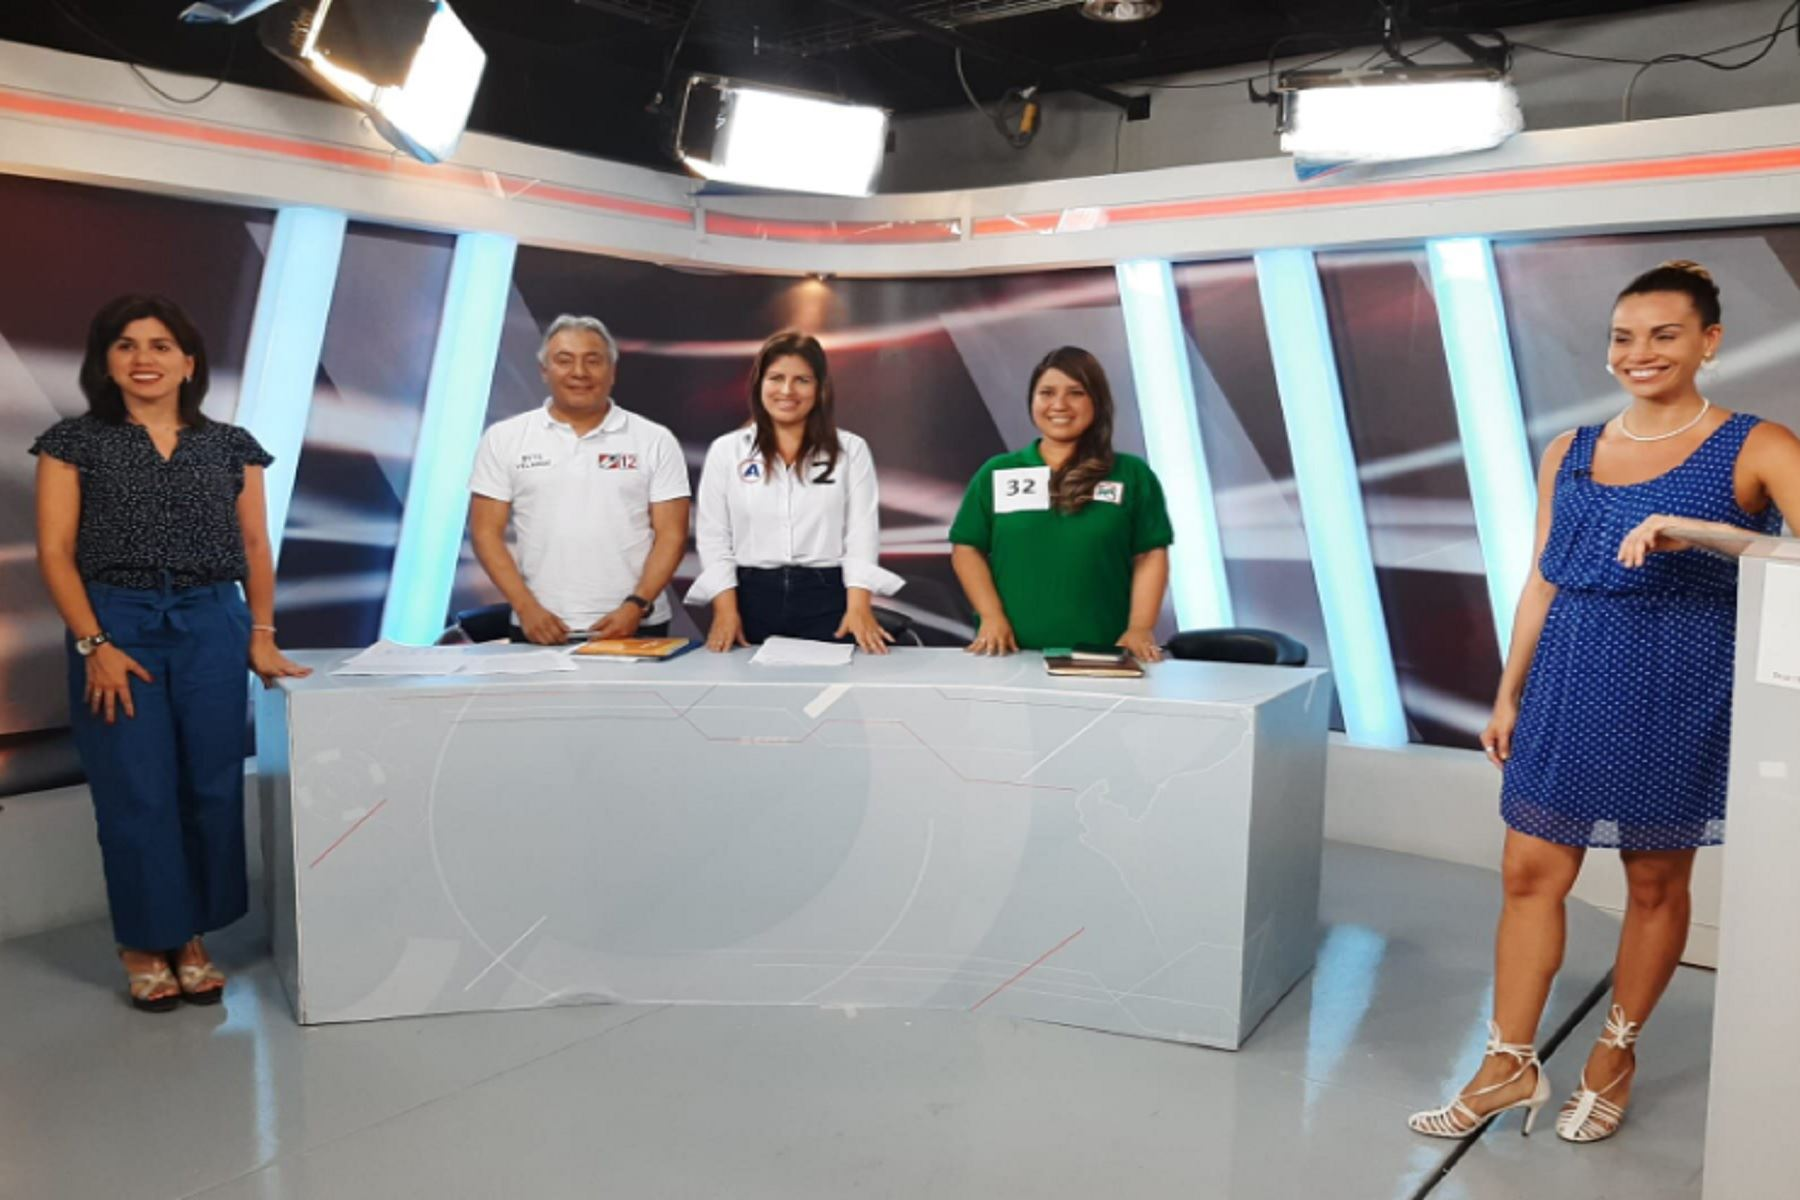 JNE estrena mañana programa de TV de debate entre candidatos